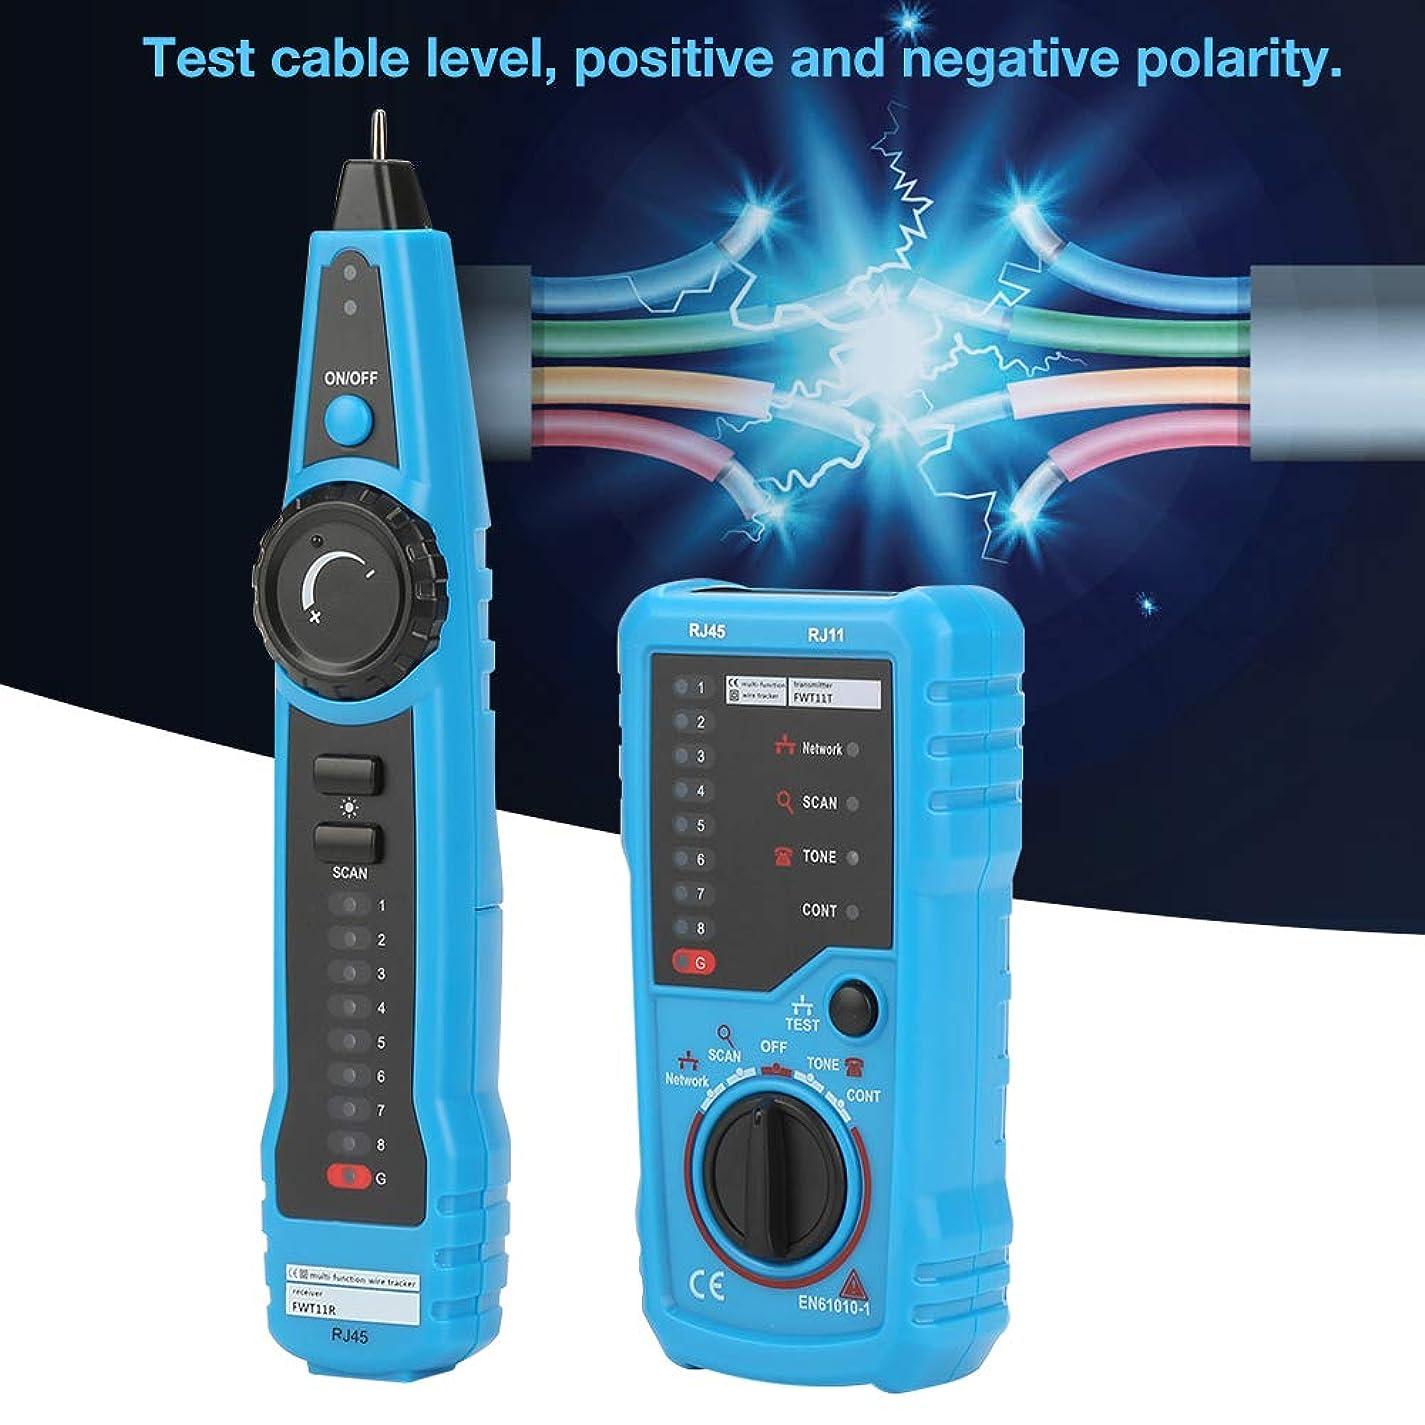 吹きさらしうそつき追い越すケーブルテスター、FWT11ハンドヘルドRJ11 RJ45電話線トラッカーイーサネットLANネットワークケーブル検出器